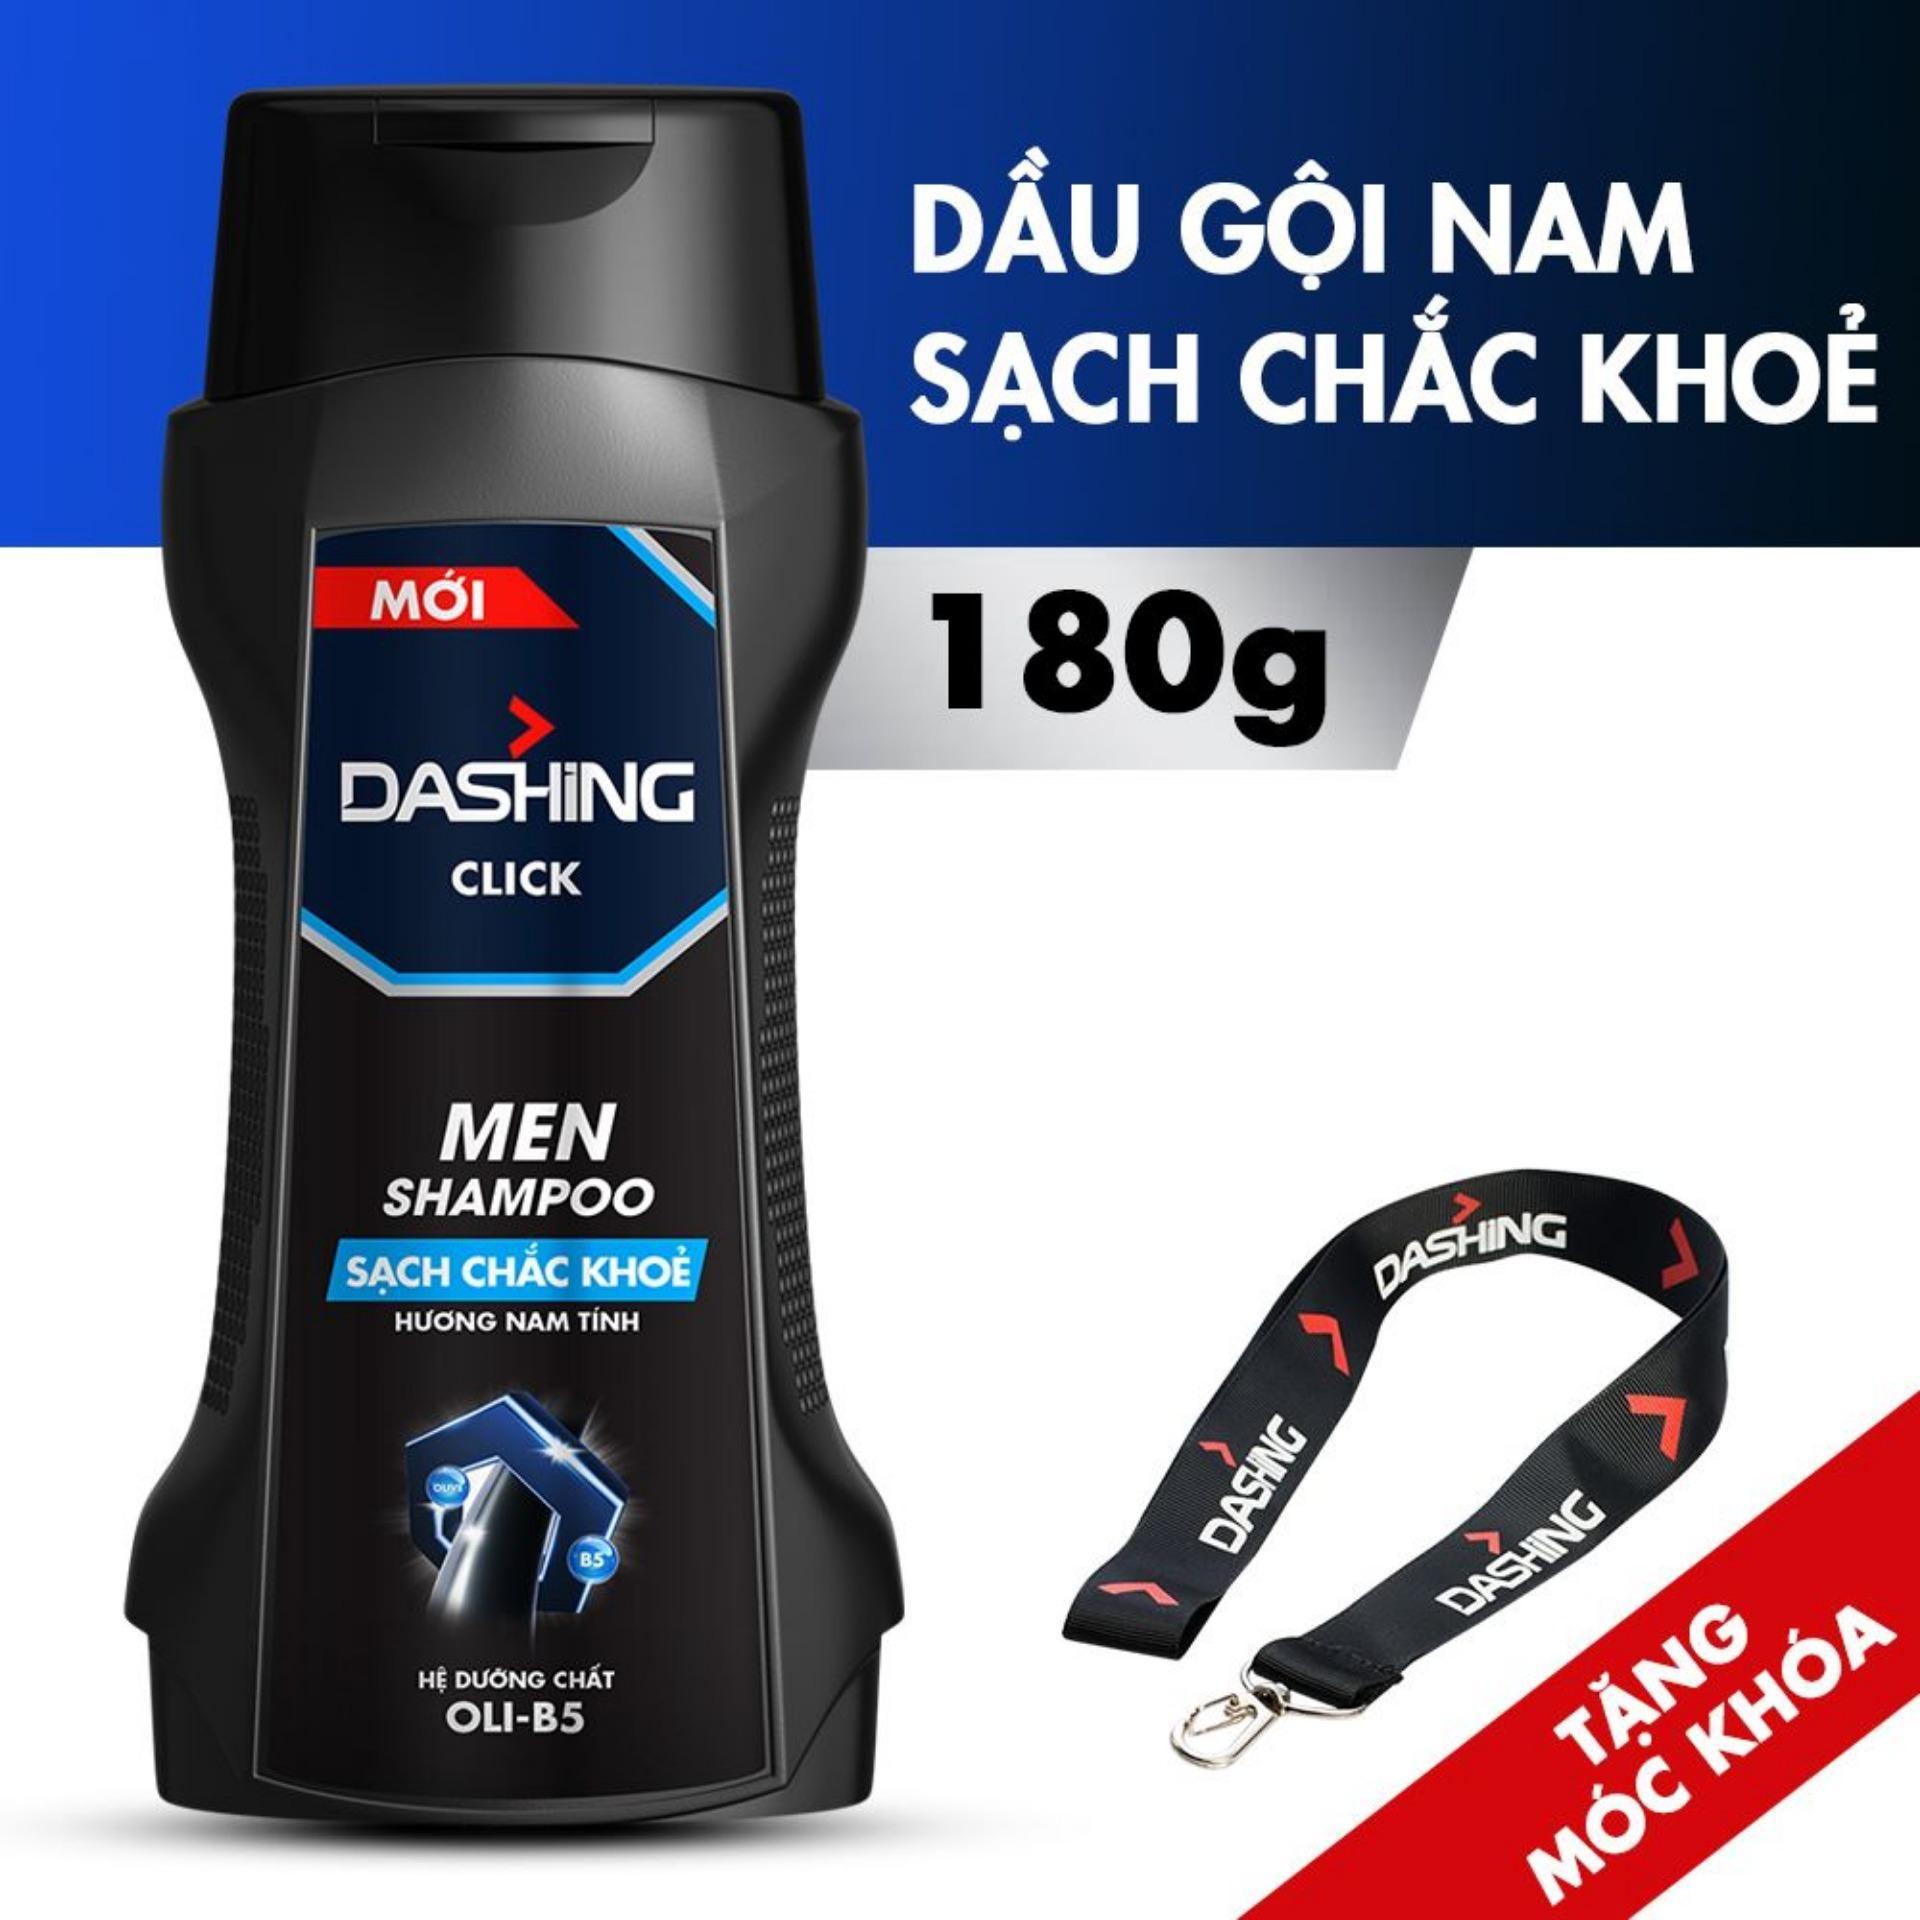 [Tặng dây đeo thời thượng] Dầu gội cho tóc sạch chắc khỏe dành cho nam giới Dashing Click Men Shampoo 180g